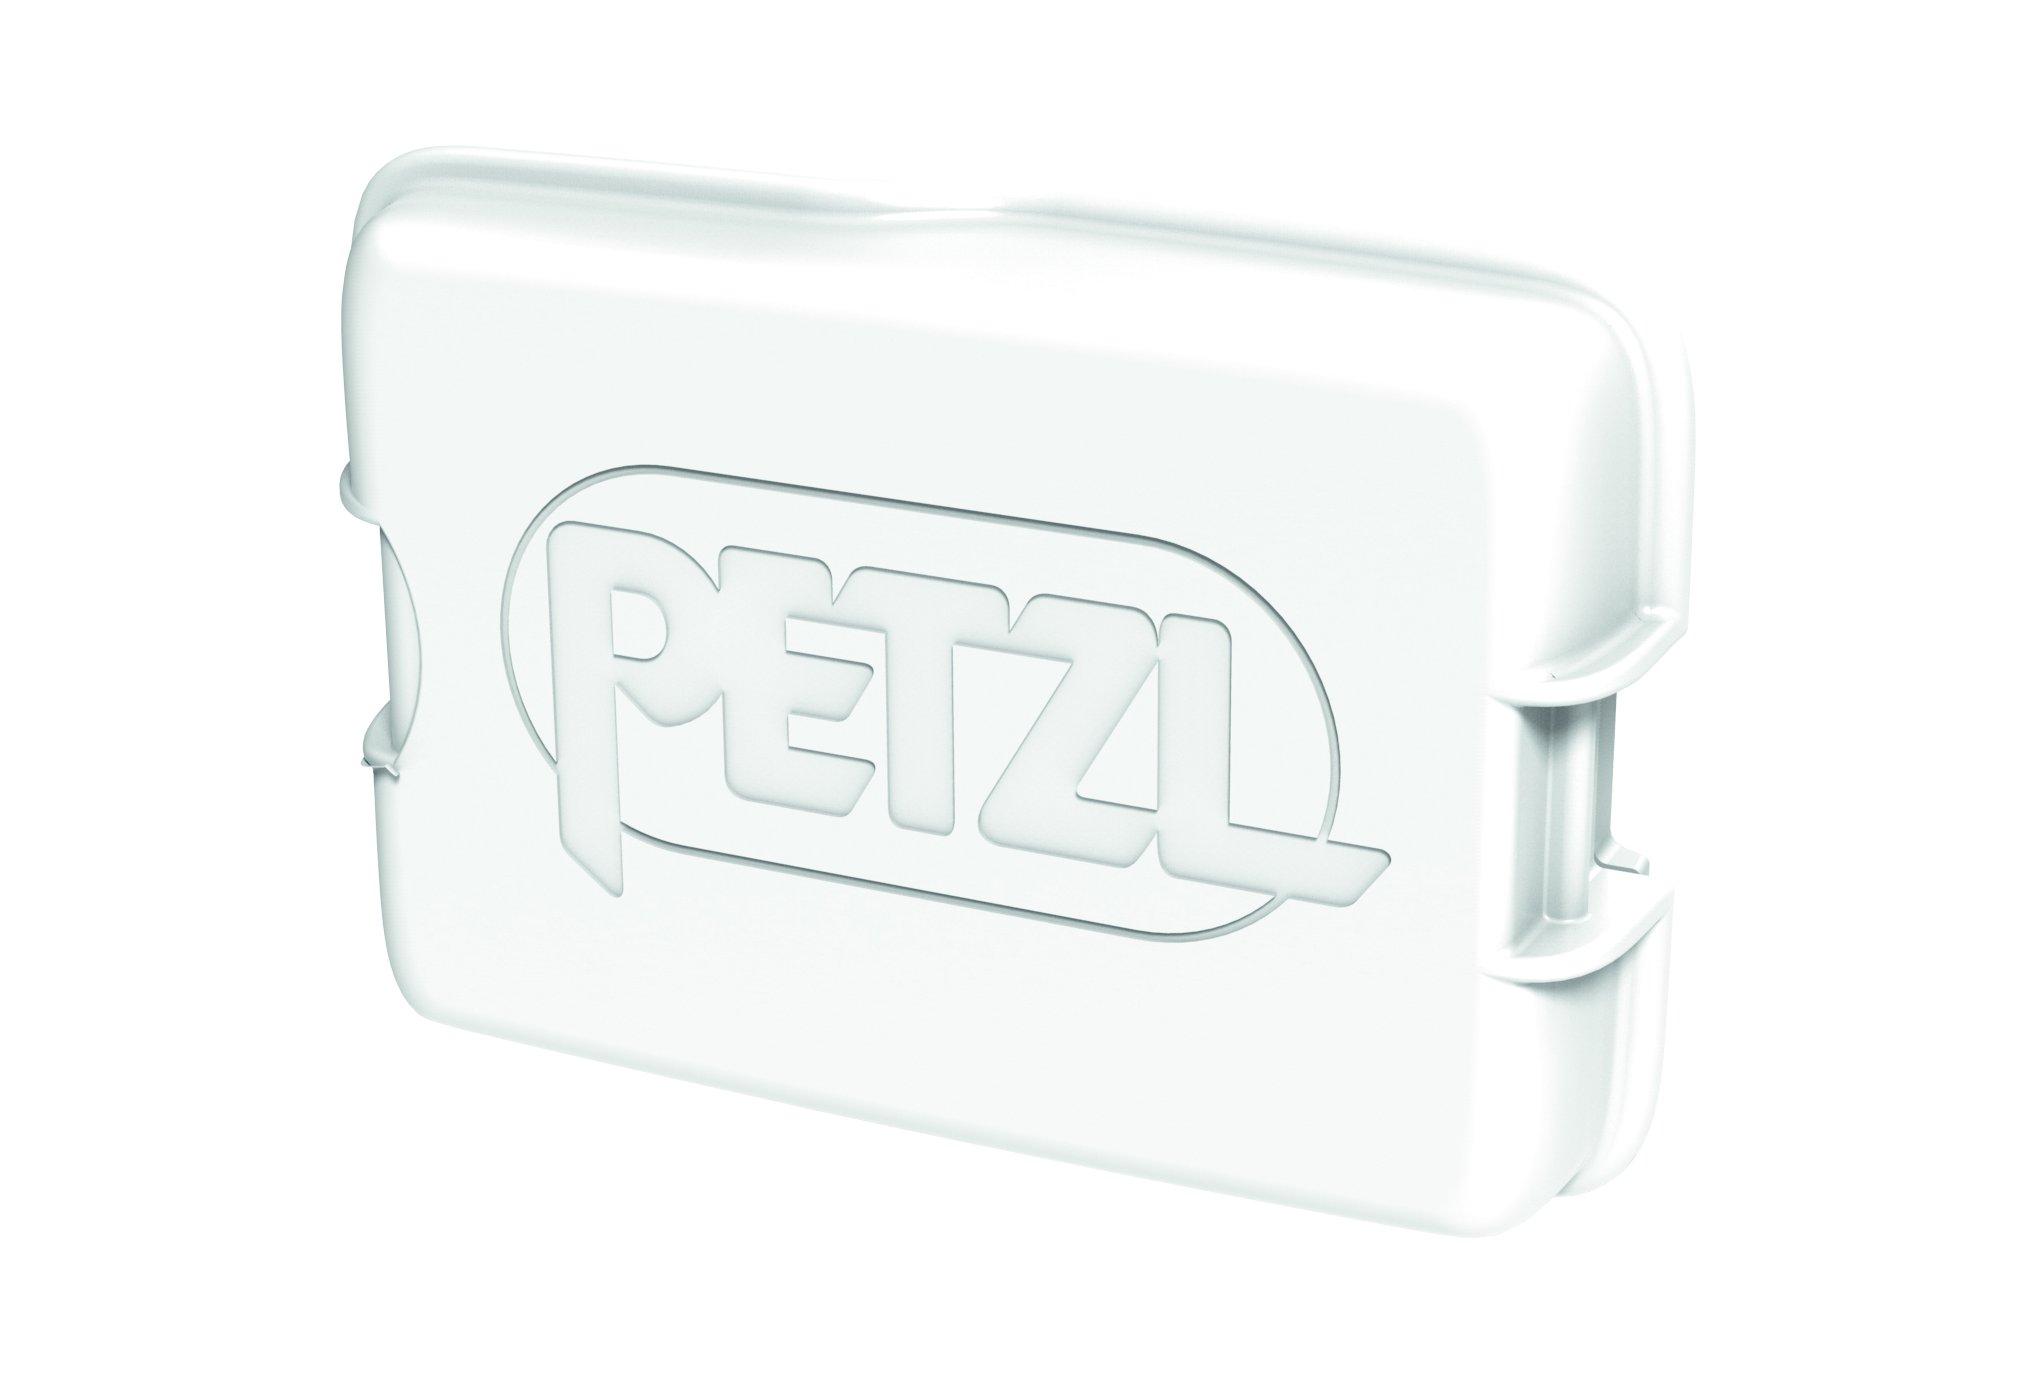 Petzl Batterie rechargeable Accu Swift RL Lampe frontale / éclairage